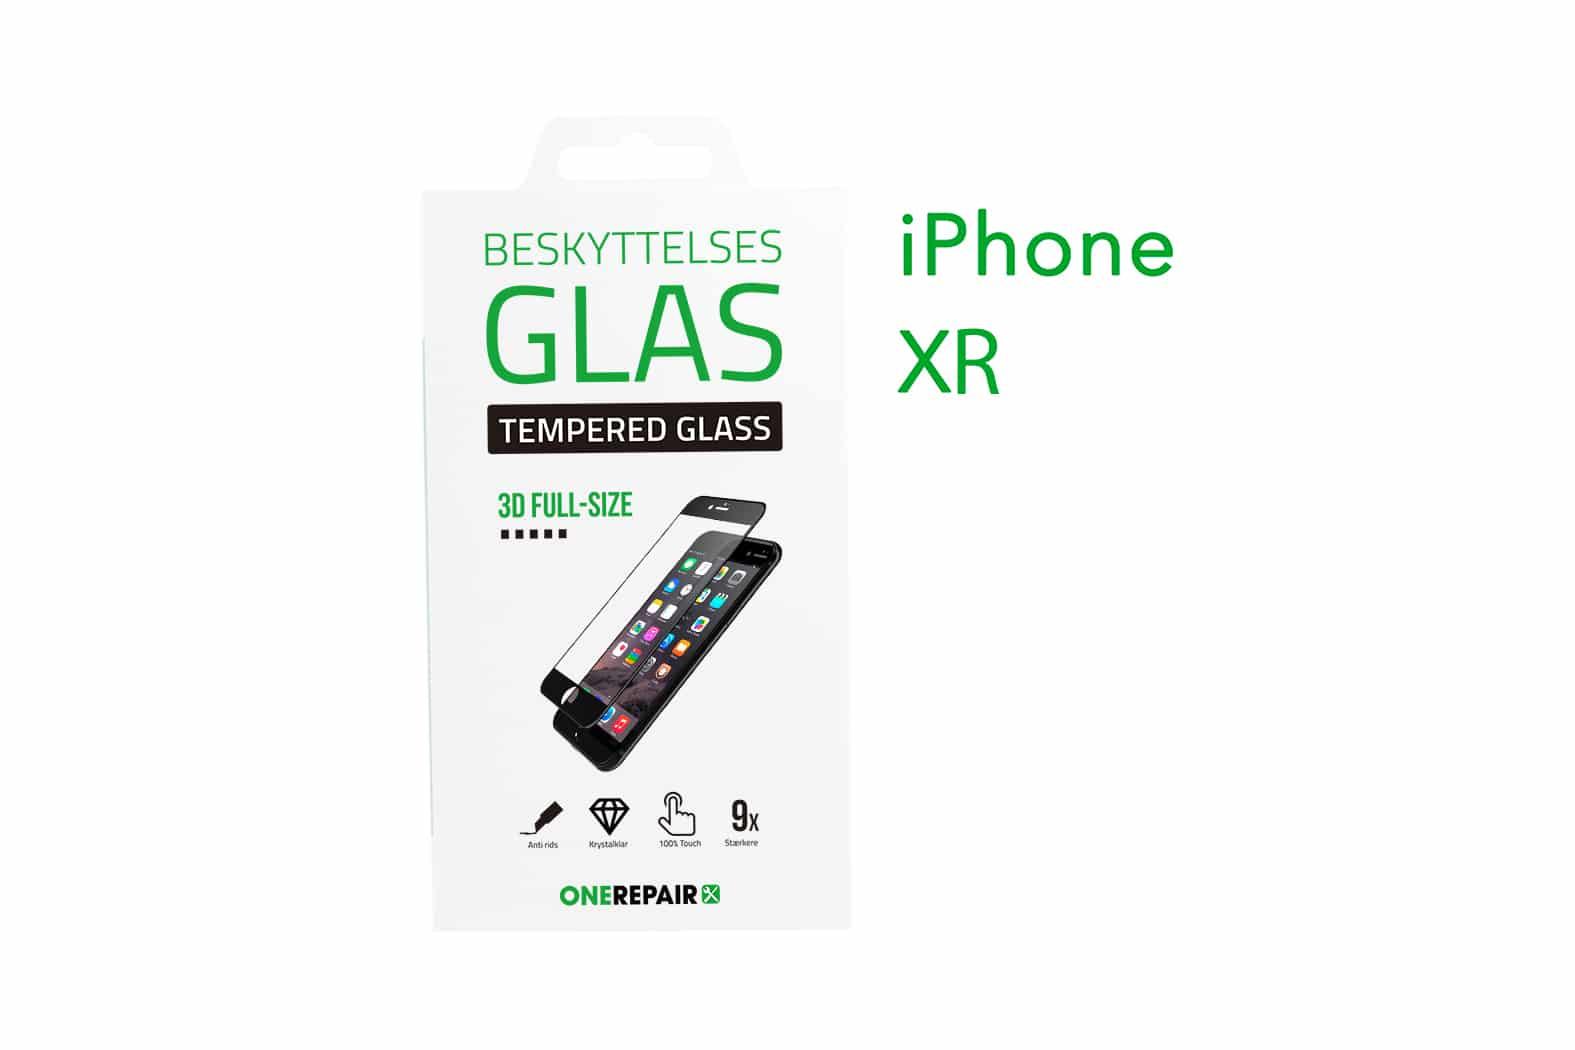 351280_iPhone_XR_Plus_Fullsize_Full_Size_3D_Beskyttelses_glas_Panser_Panzer_Tempered_Glass_OneRepair_00001